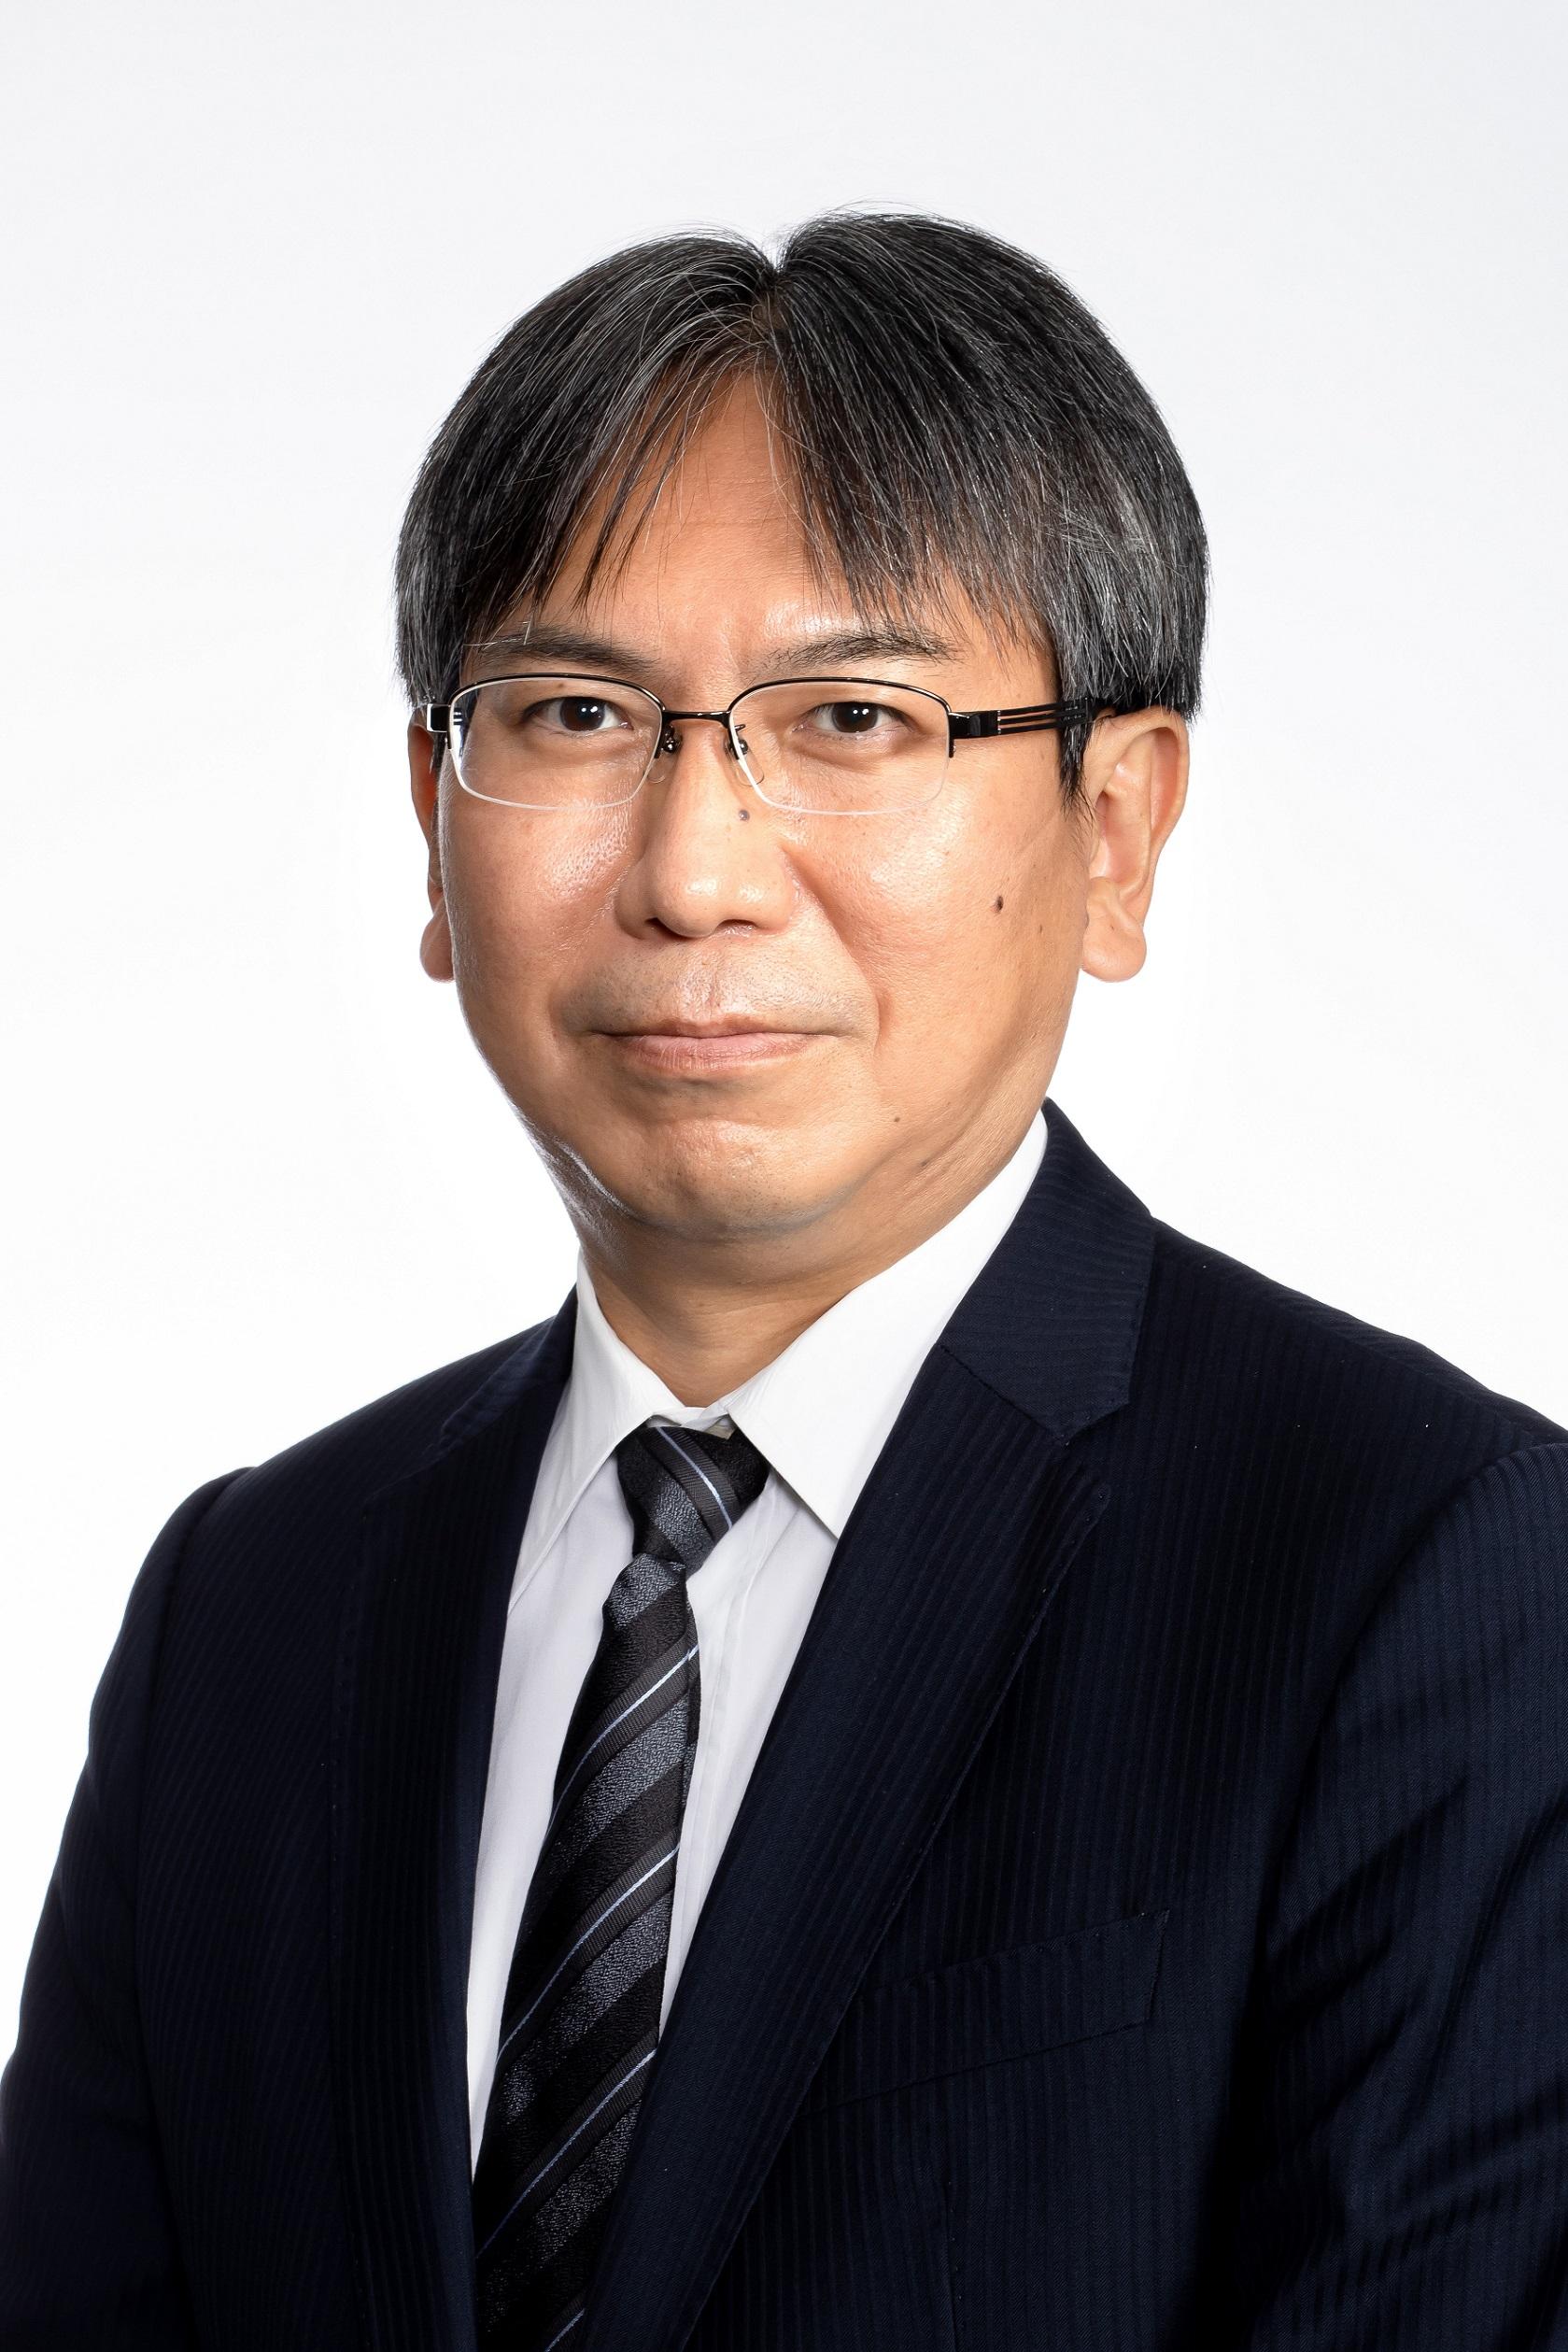 取締役 佐藤 慎一郎 Shinichiro Sato